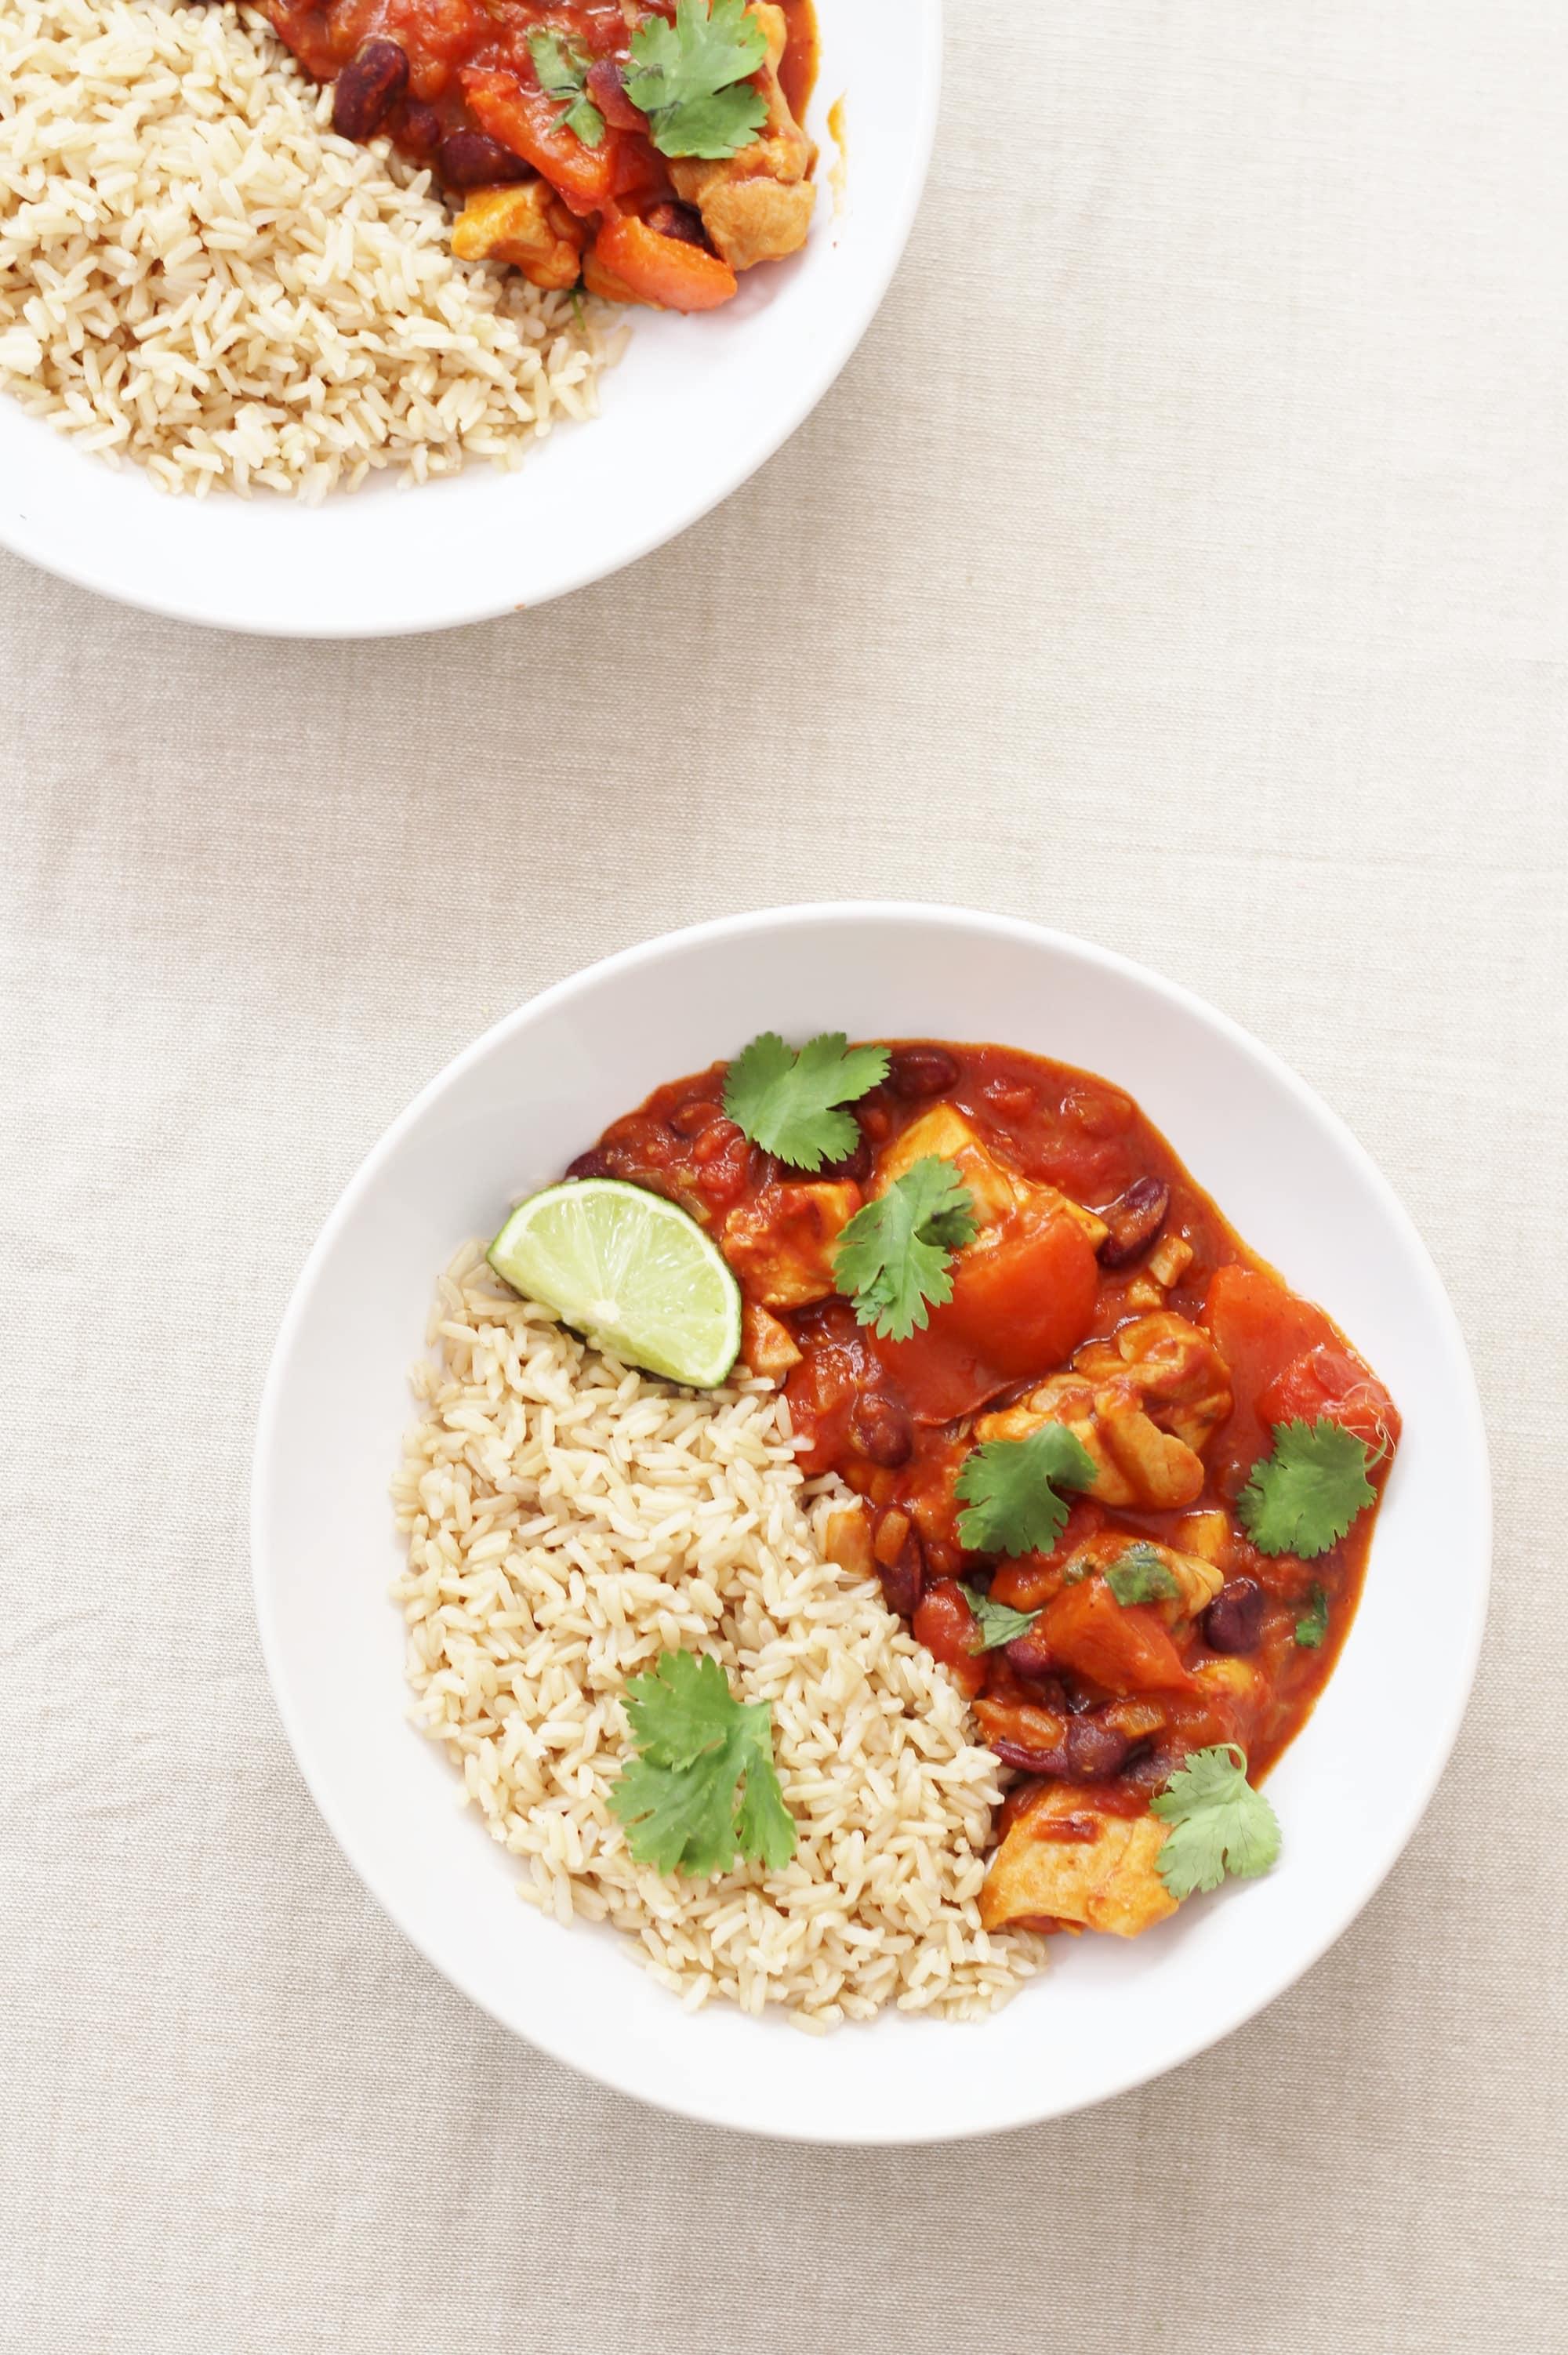 Quorn Chilli Con Carne >> Chicken Chilli Con Carne - Easy Peasy Foodie